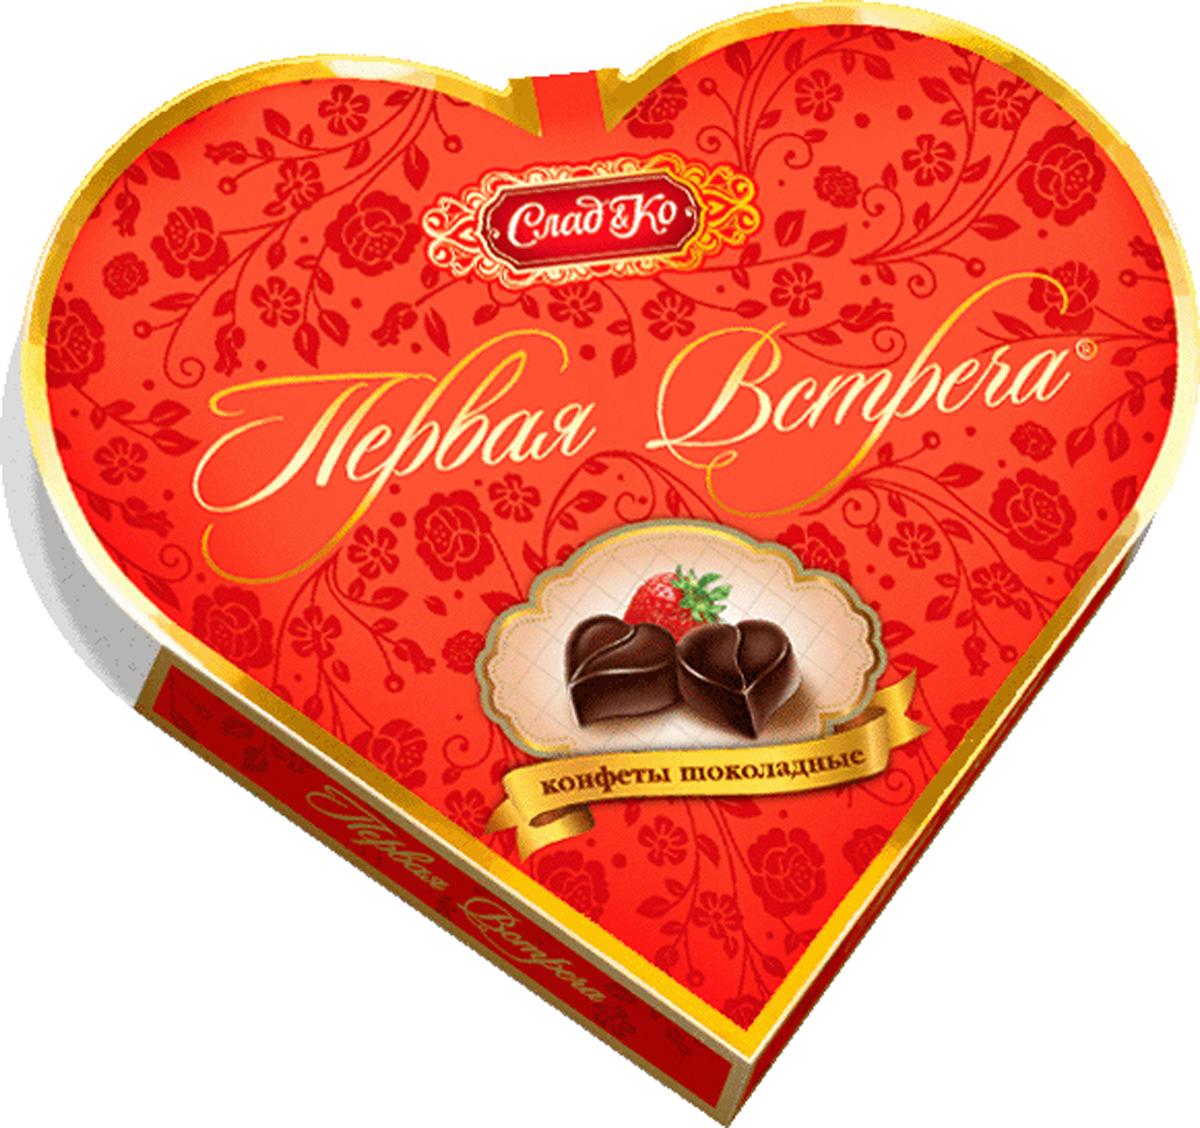 Сладко Первая встреча художественная коробка набор конфет, 250 г40180Конфеты в художественной коробке в виде сердечек, в темном шоколаде, с кремовой начинкой со вкусом клубники со сливками.